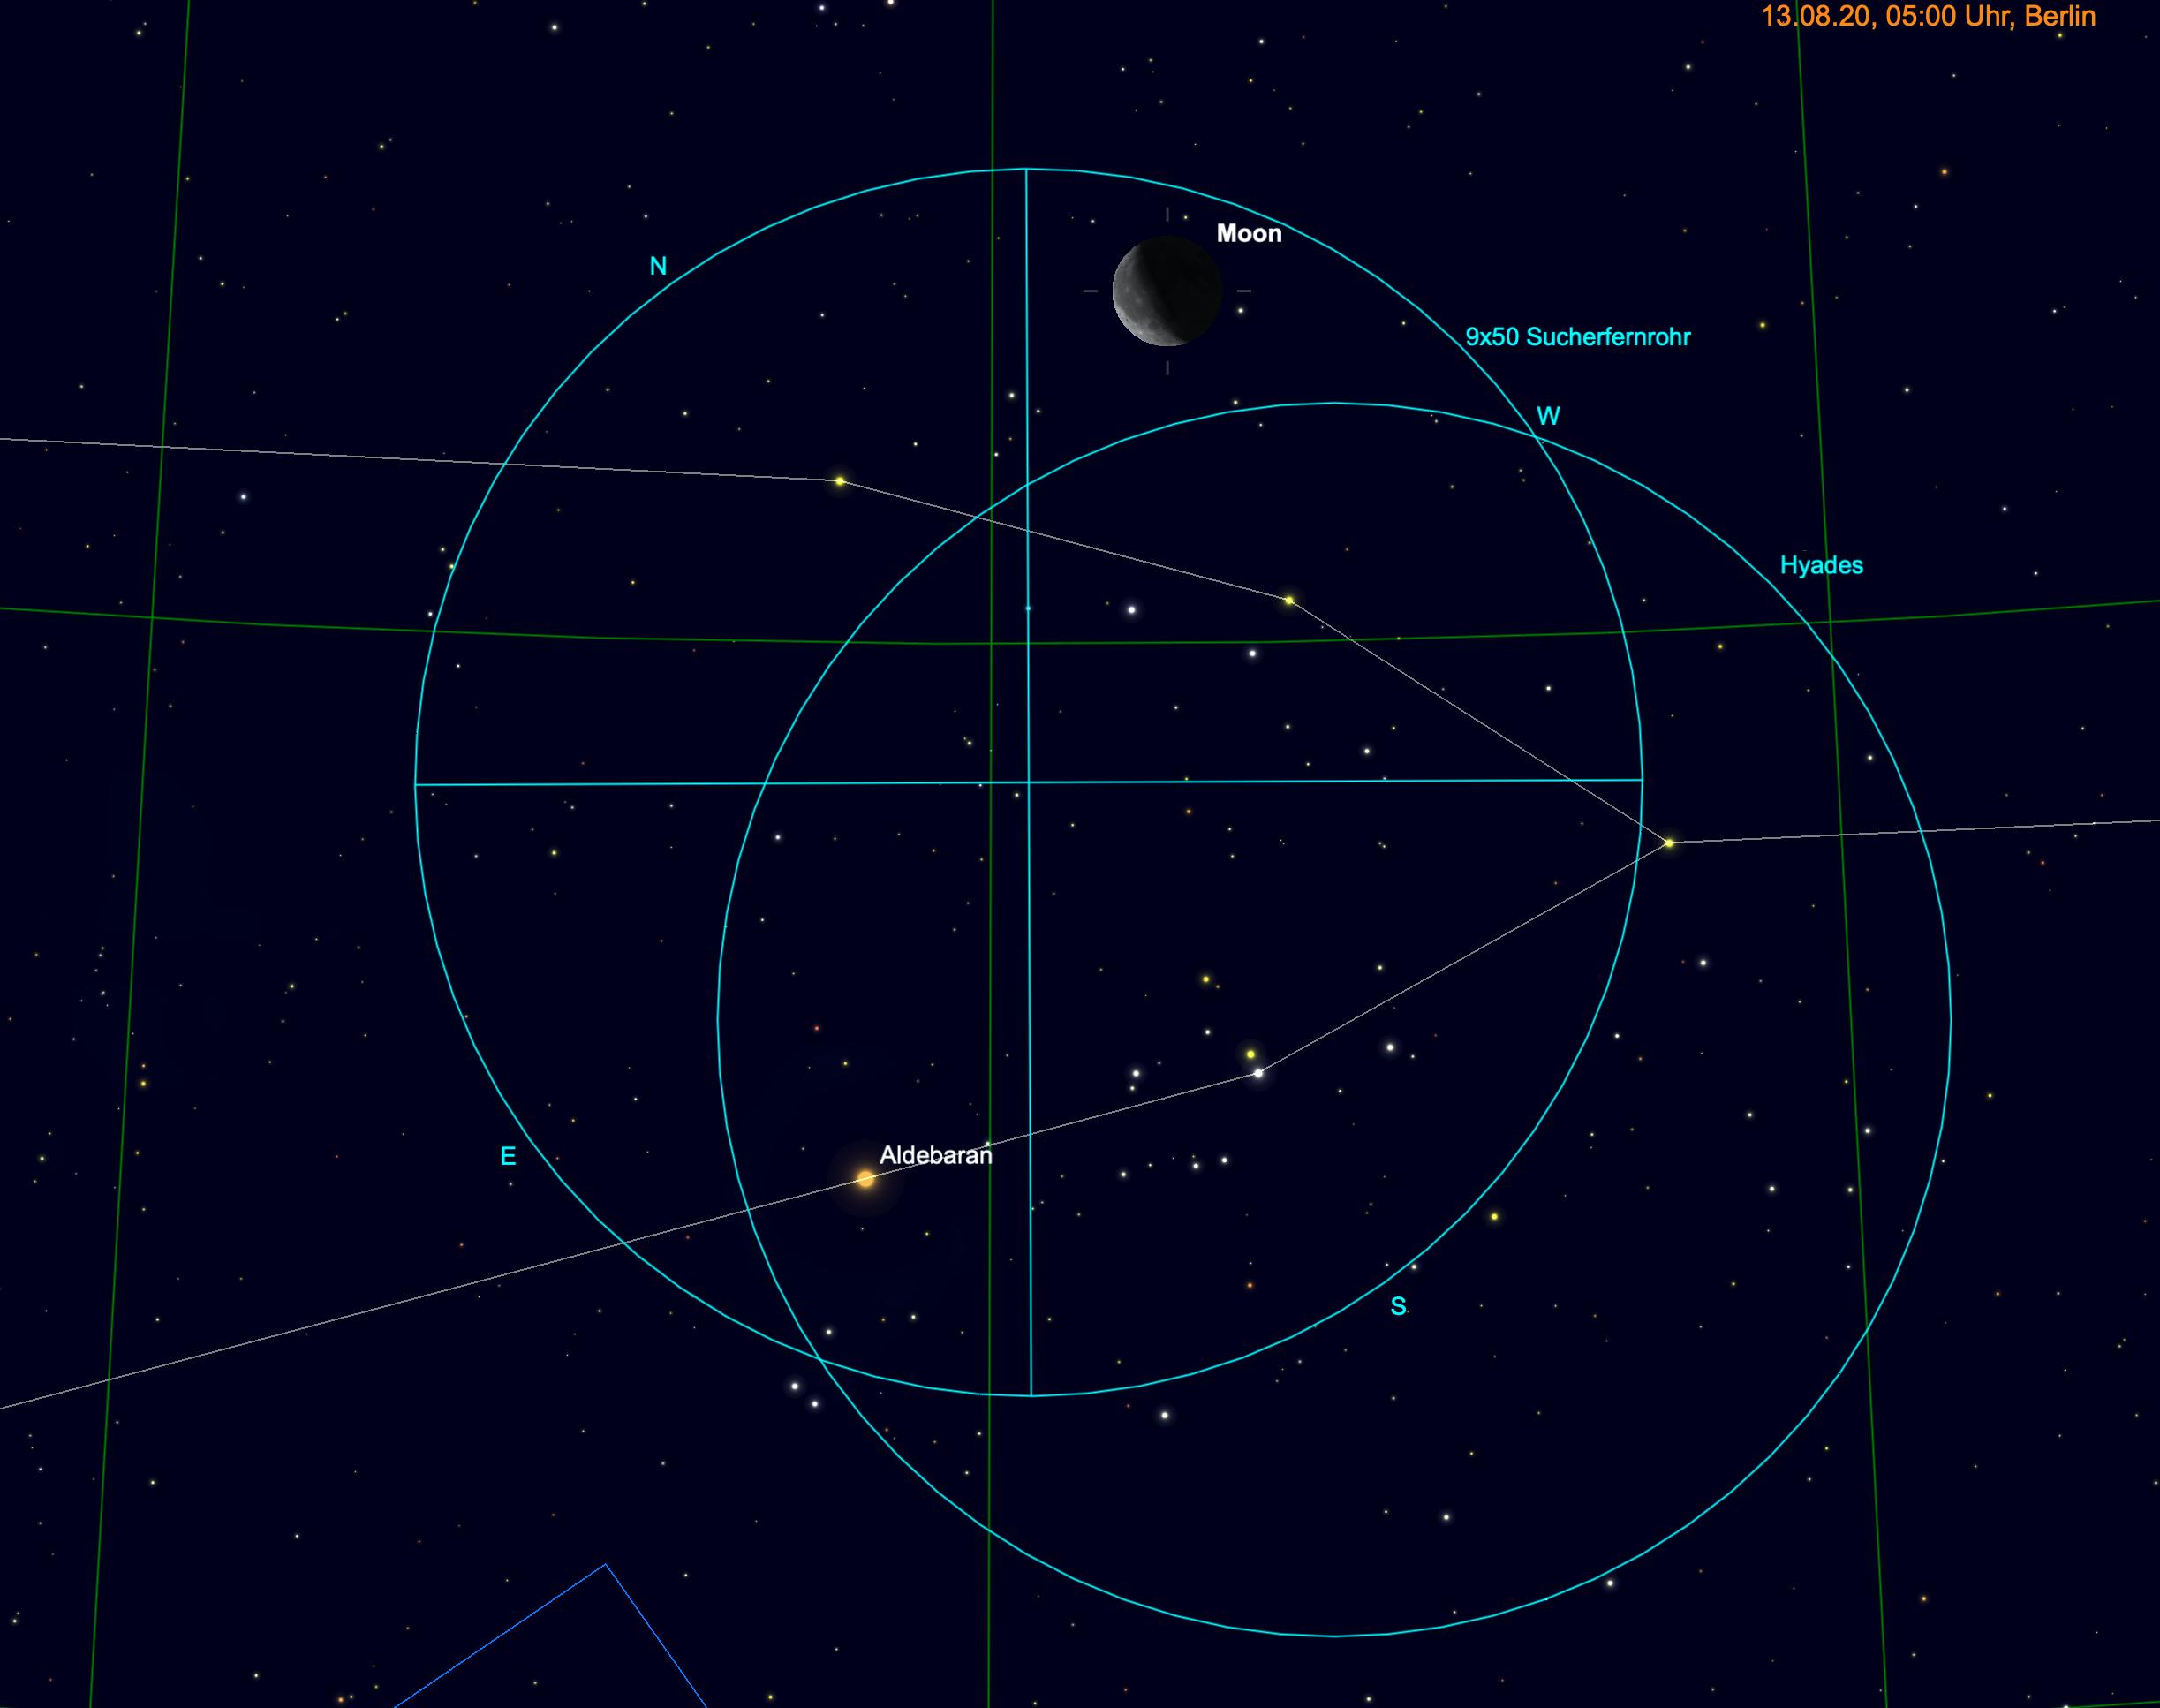 Mond, Hyaden und Aldebaran im Fernglas